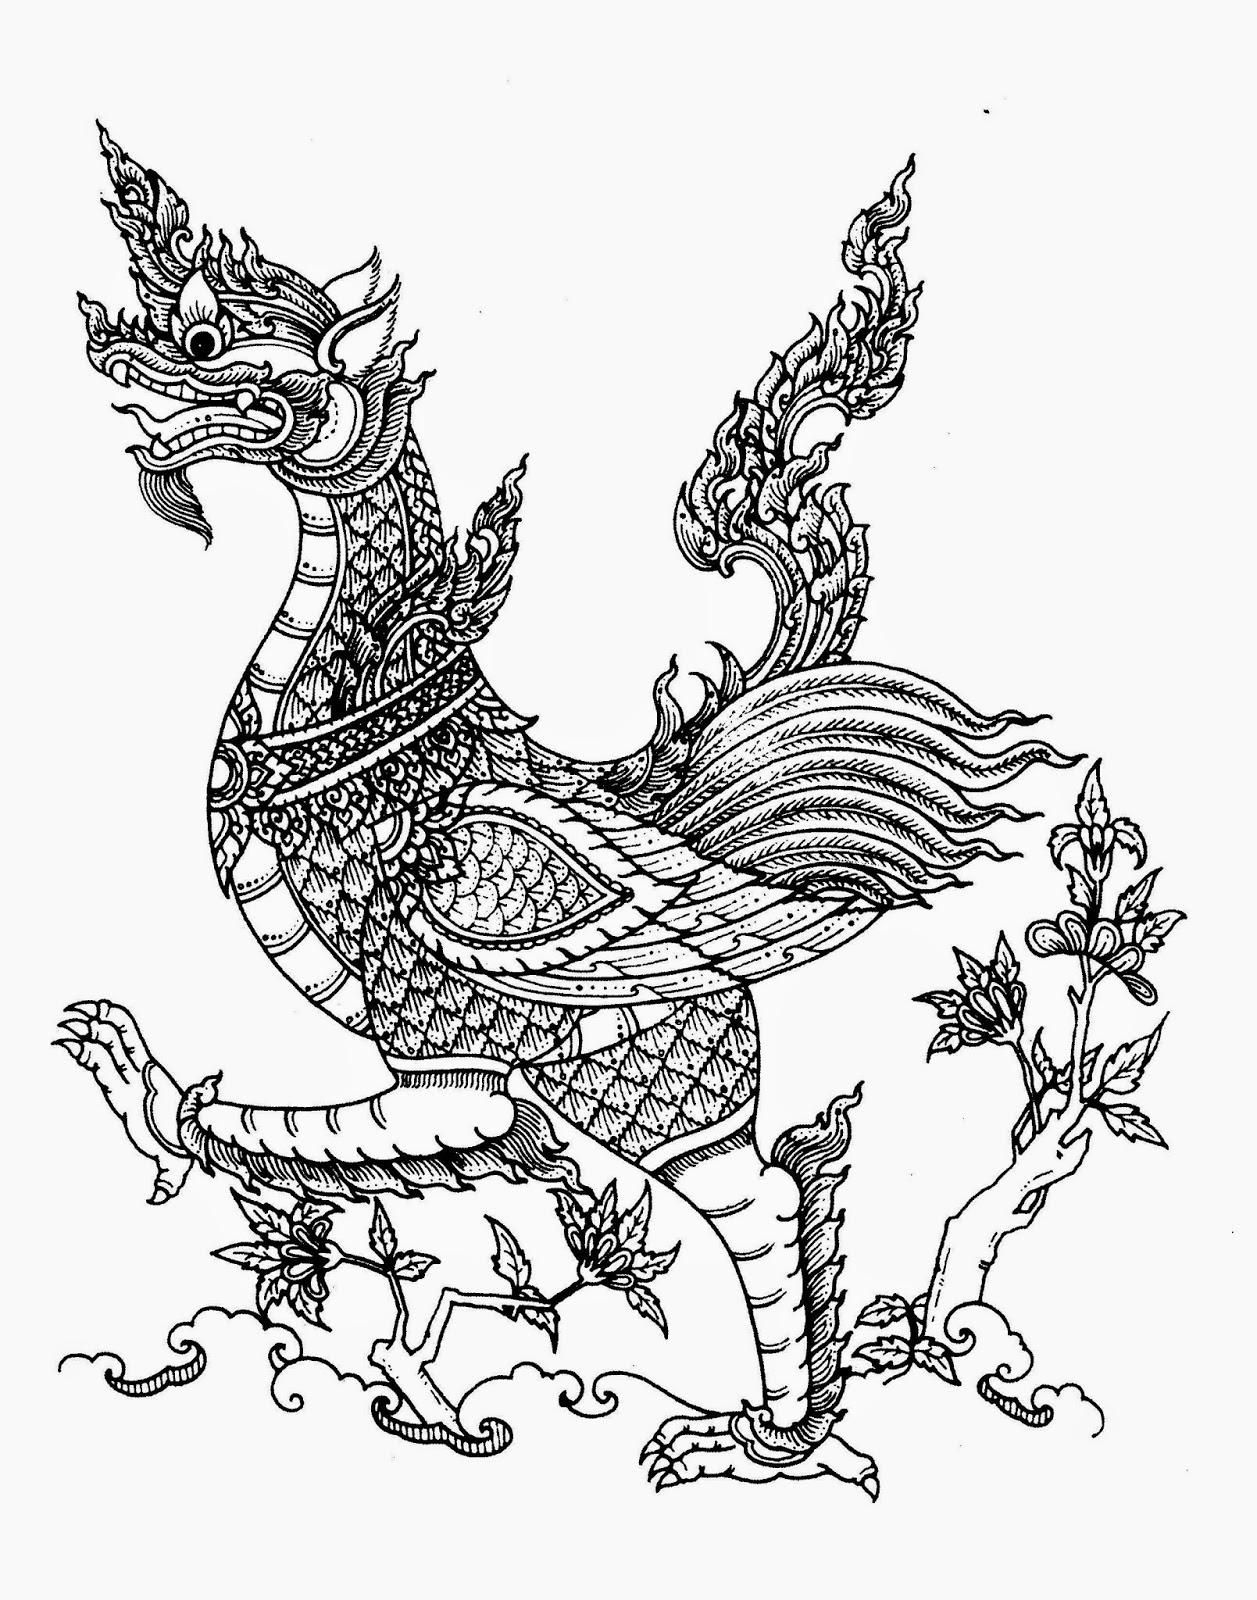 Thai Mythological Creatures Are Mishmashes Of Many